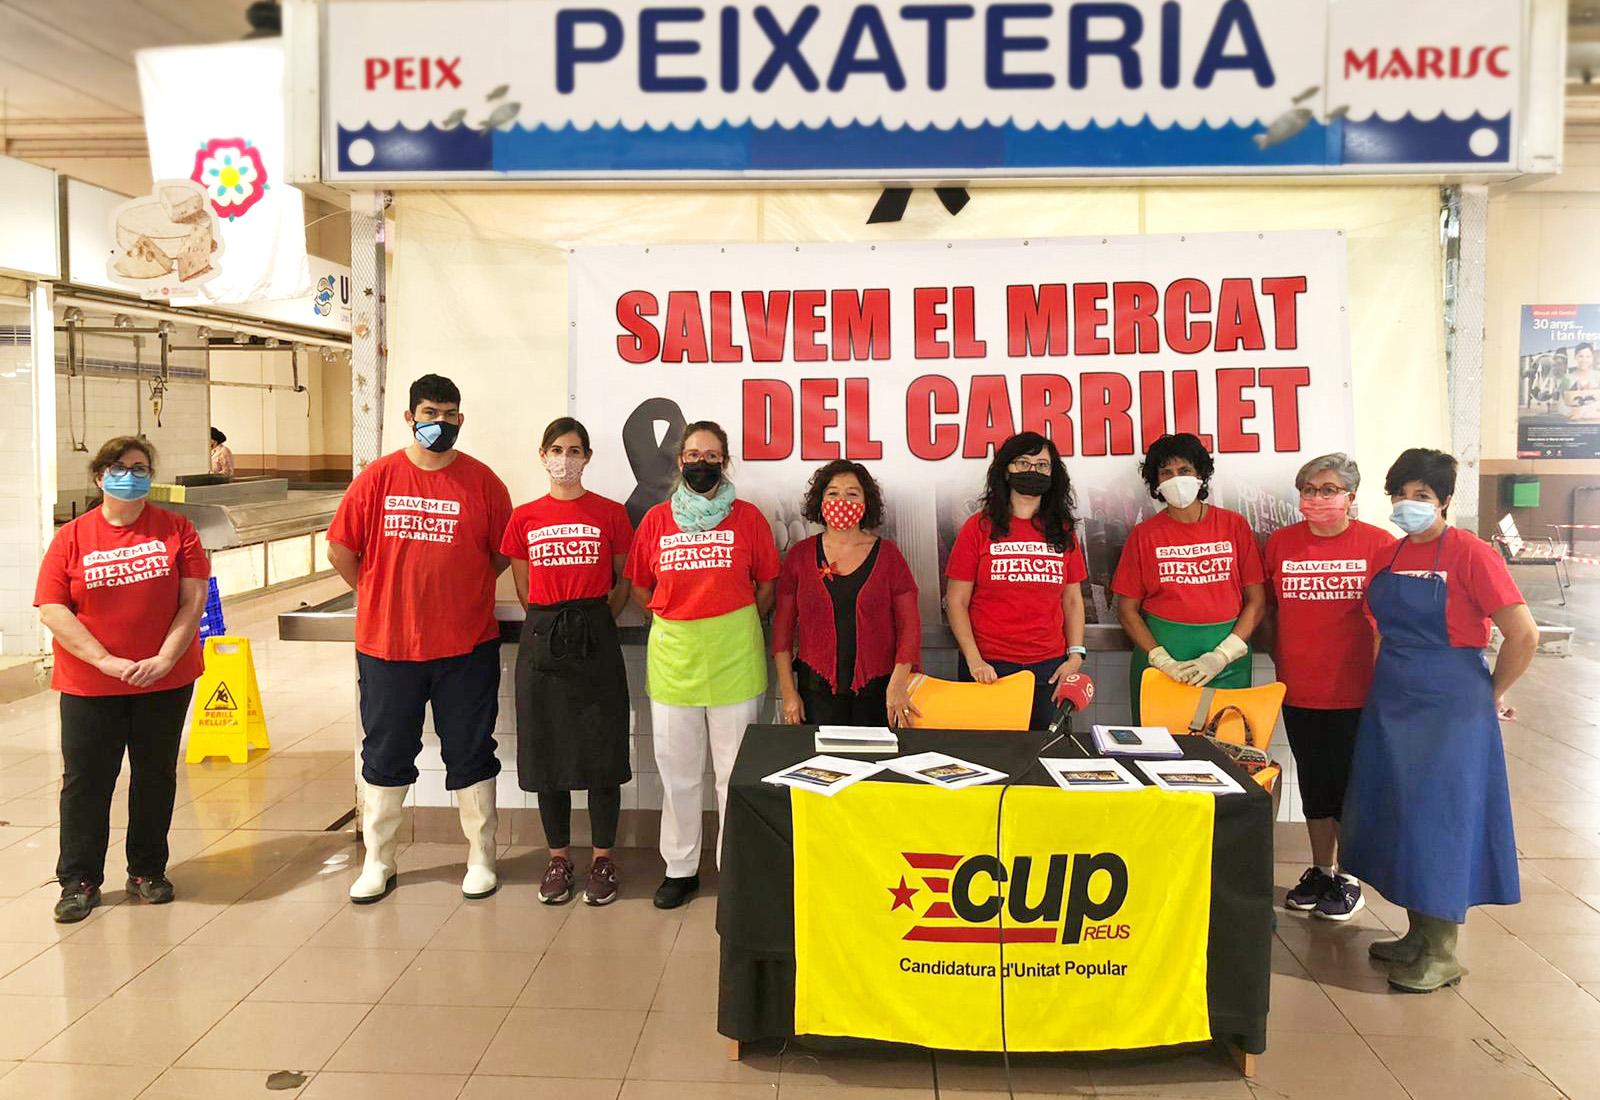 La CUP i les paradistes en contra del tancament del Mercat del Carrilet